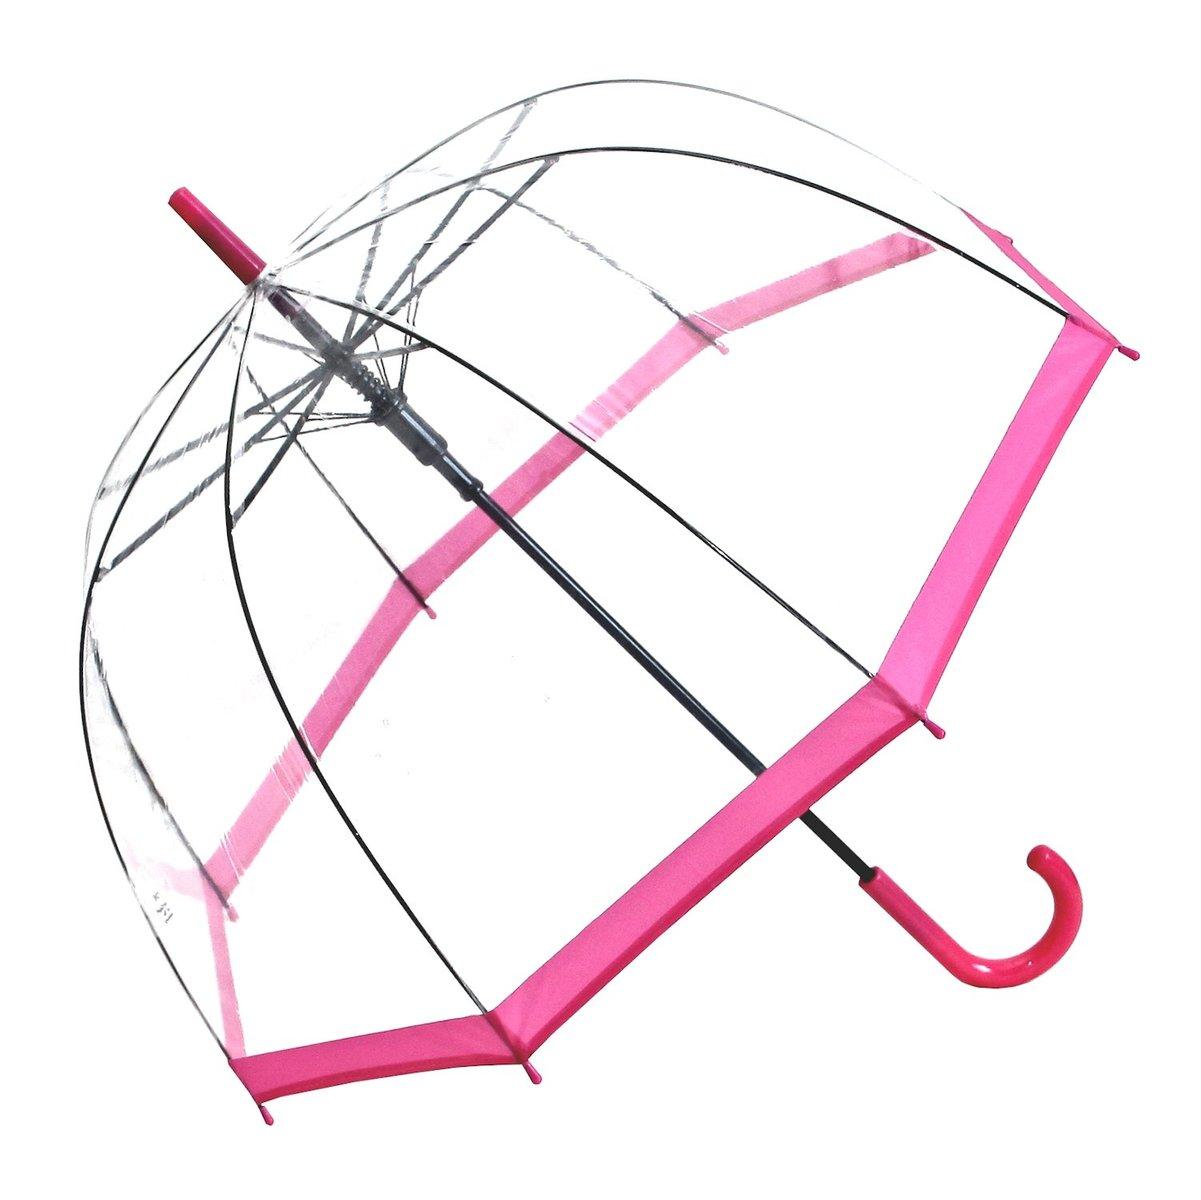 Regenschirm Transparent / Durchsichtig Glockenschirm Automatik